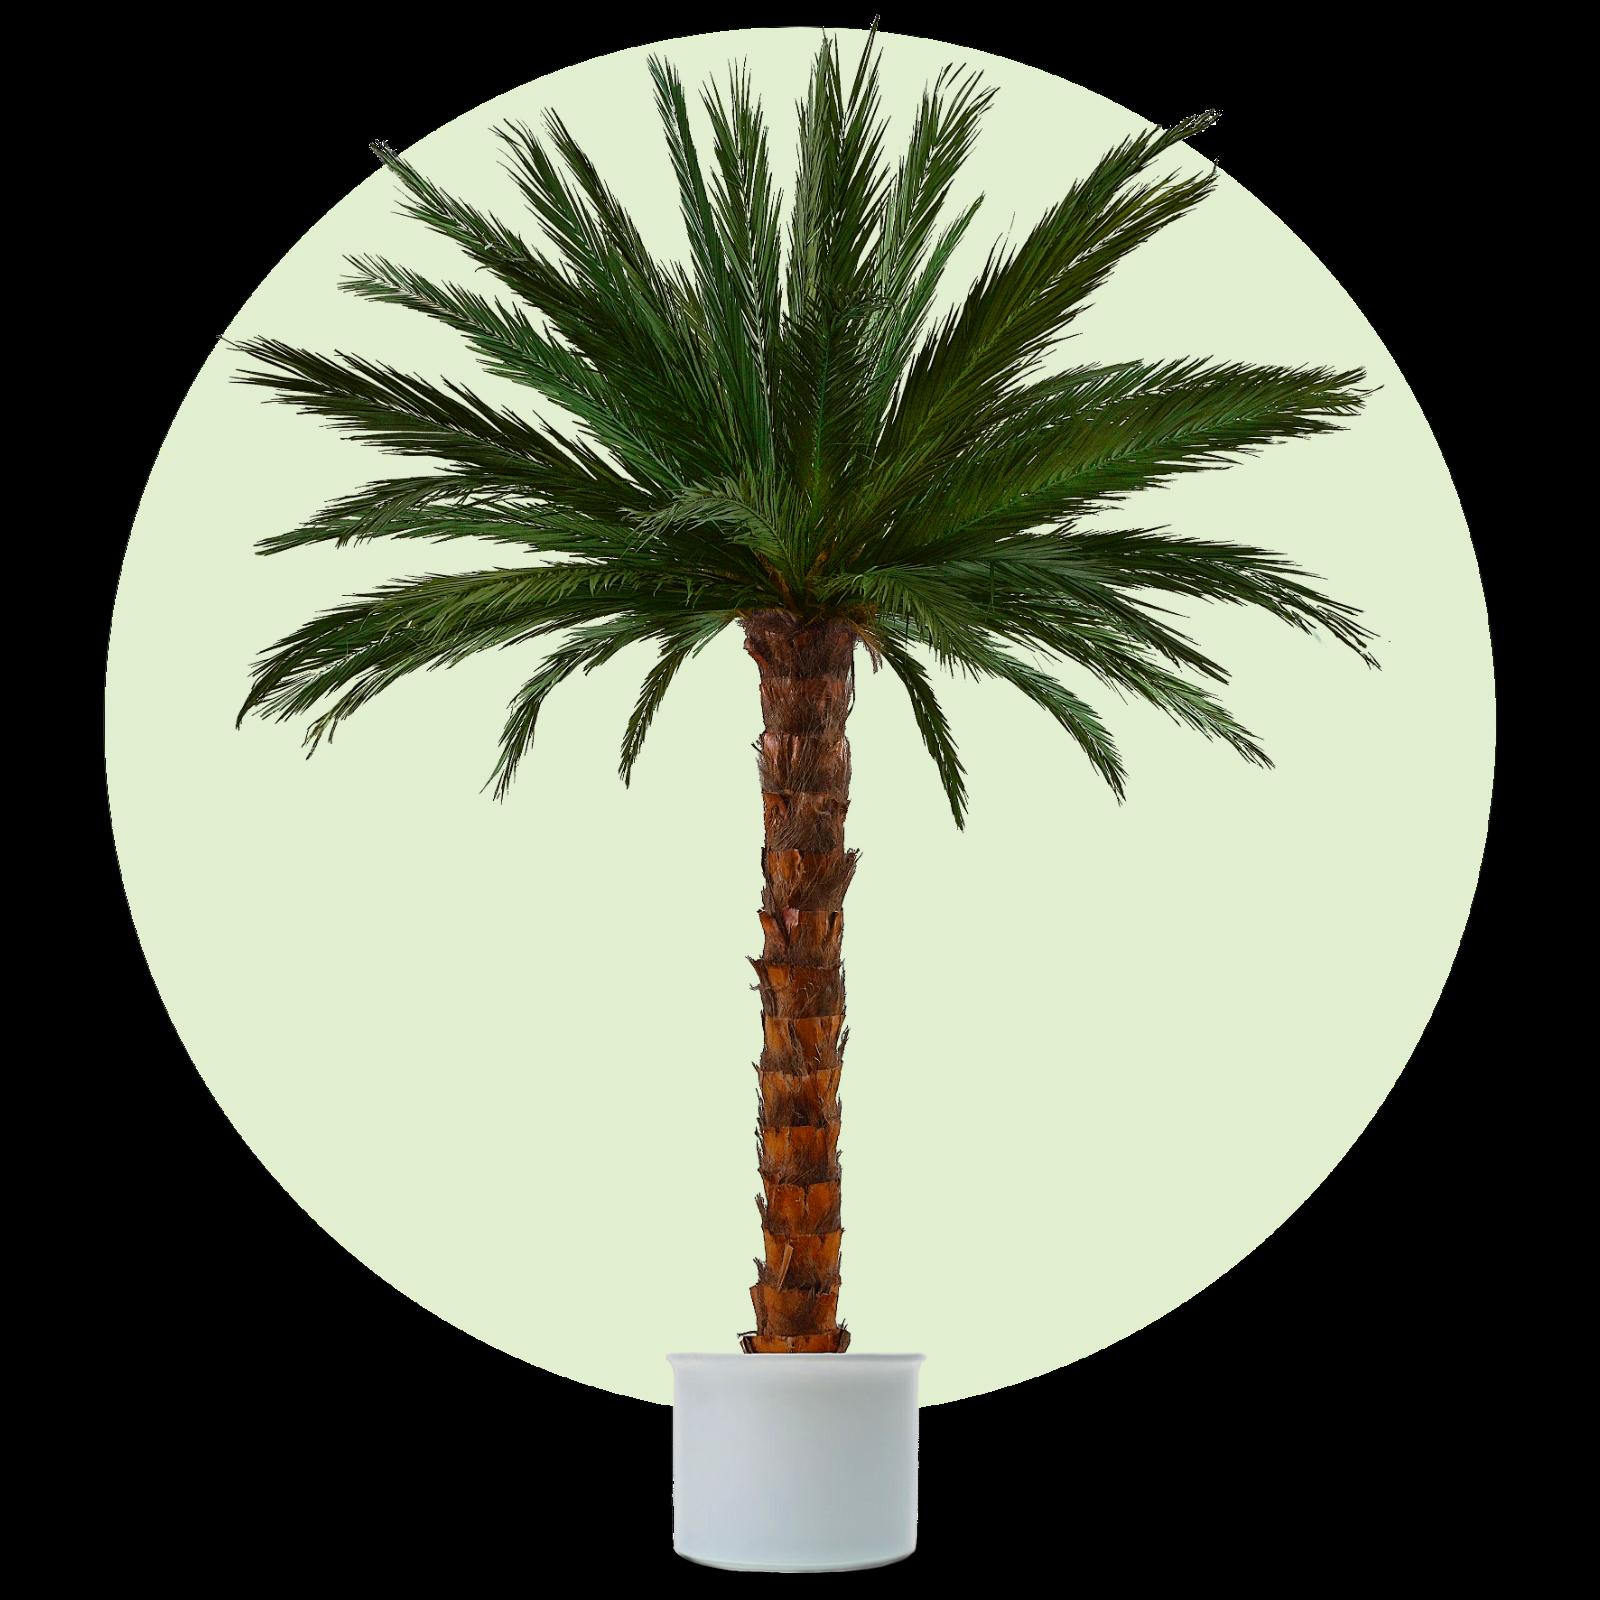 Kunstpalme, künstliche Palme, Dekopalme, konservierte, echte Palmwedel